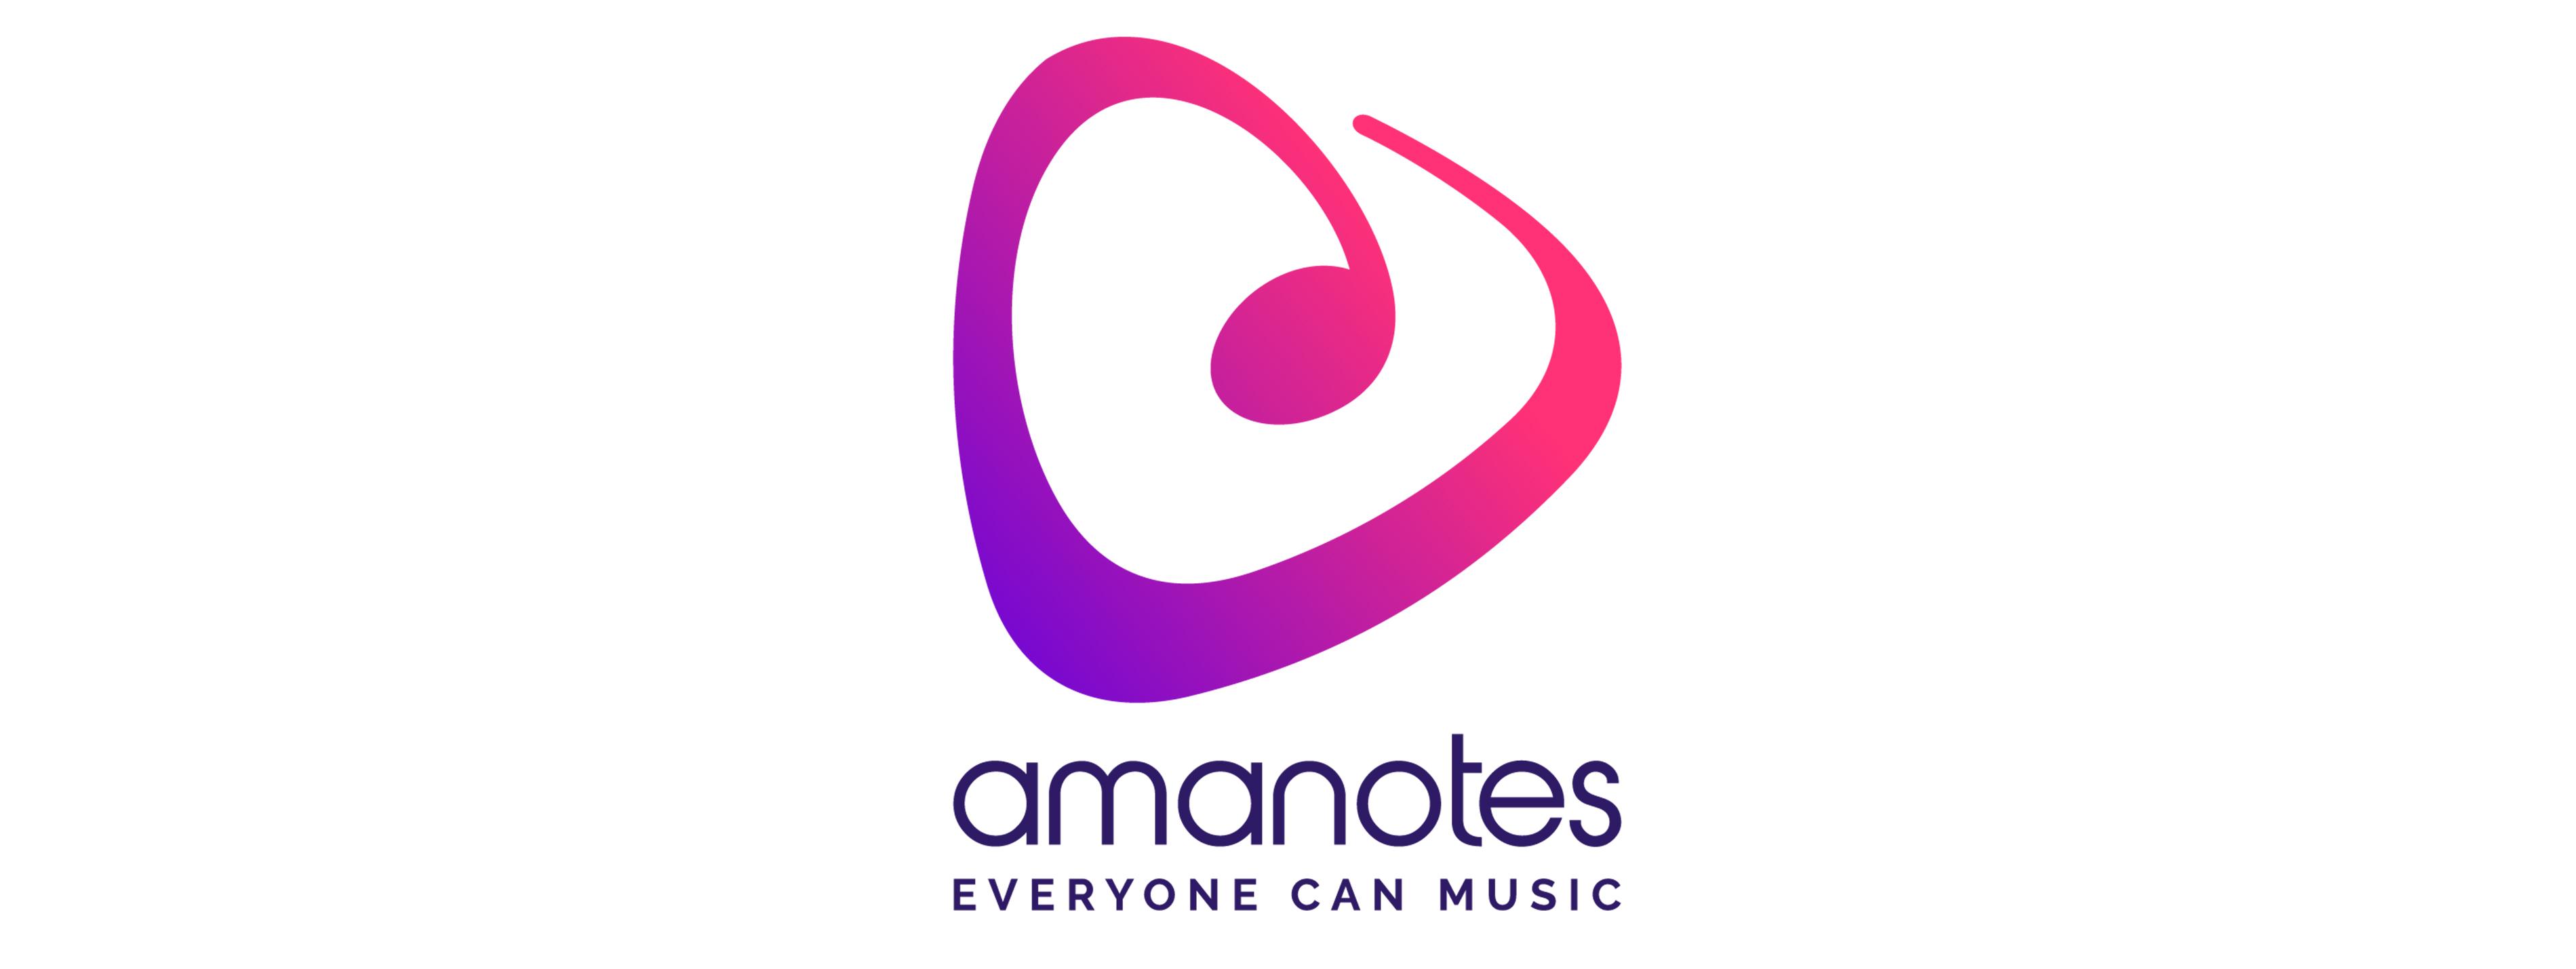 Pangle의 유료 동영상 광고로 Amanotes의 ROAS 향상